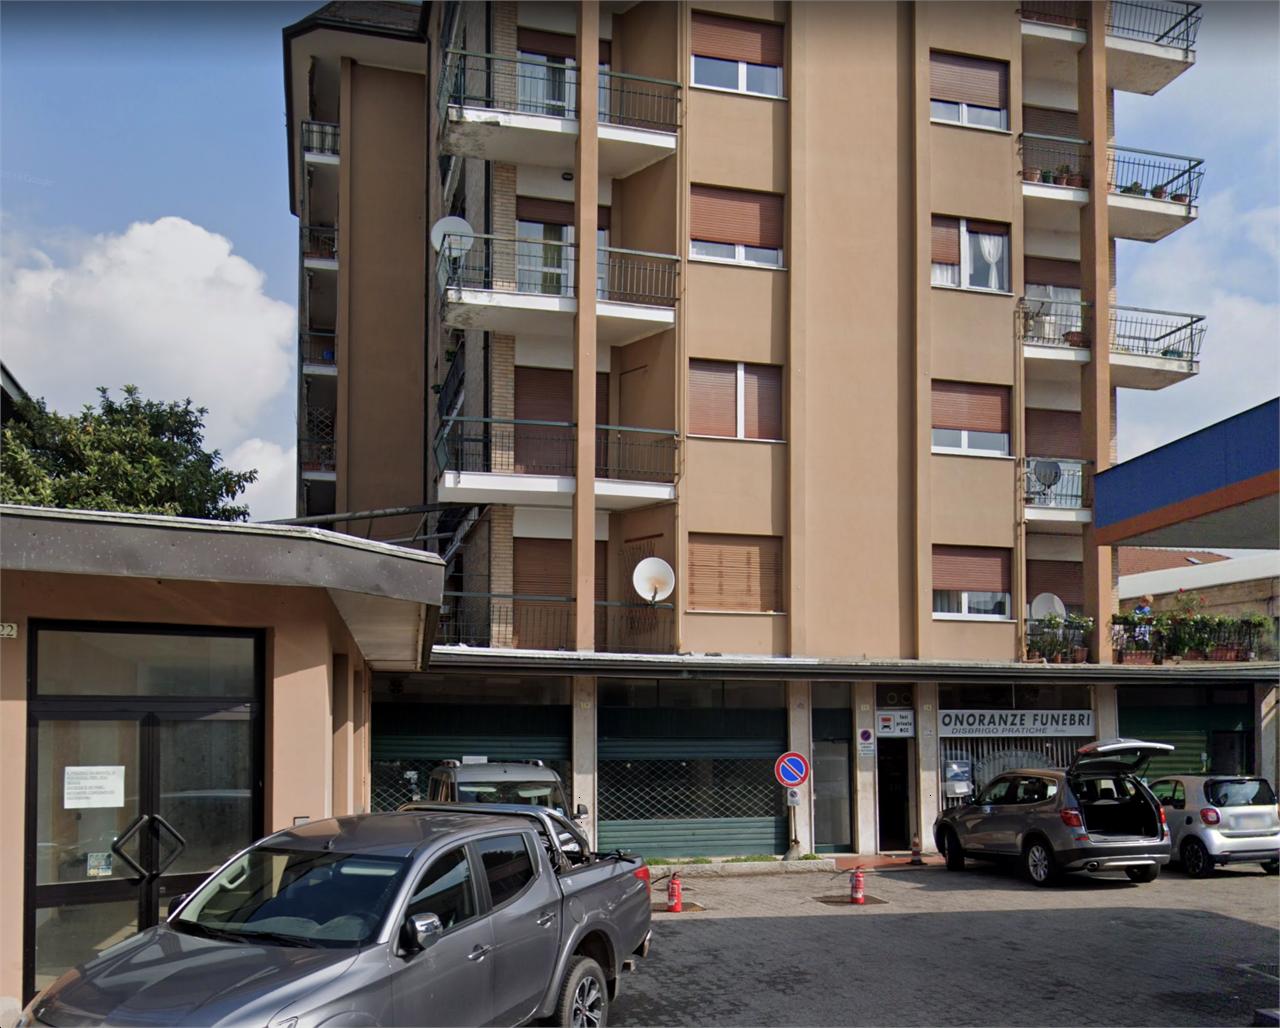 Negozio / Locale in affitto a Sesto Calende, 1 locali, prezzo € 650   PortaleAgenzieImmobiliari.it